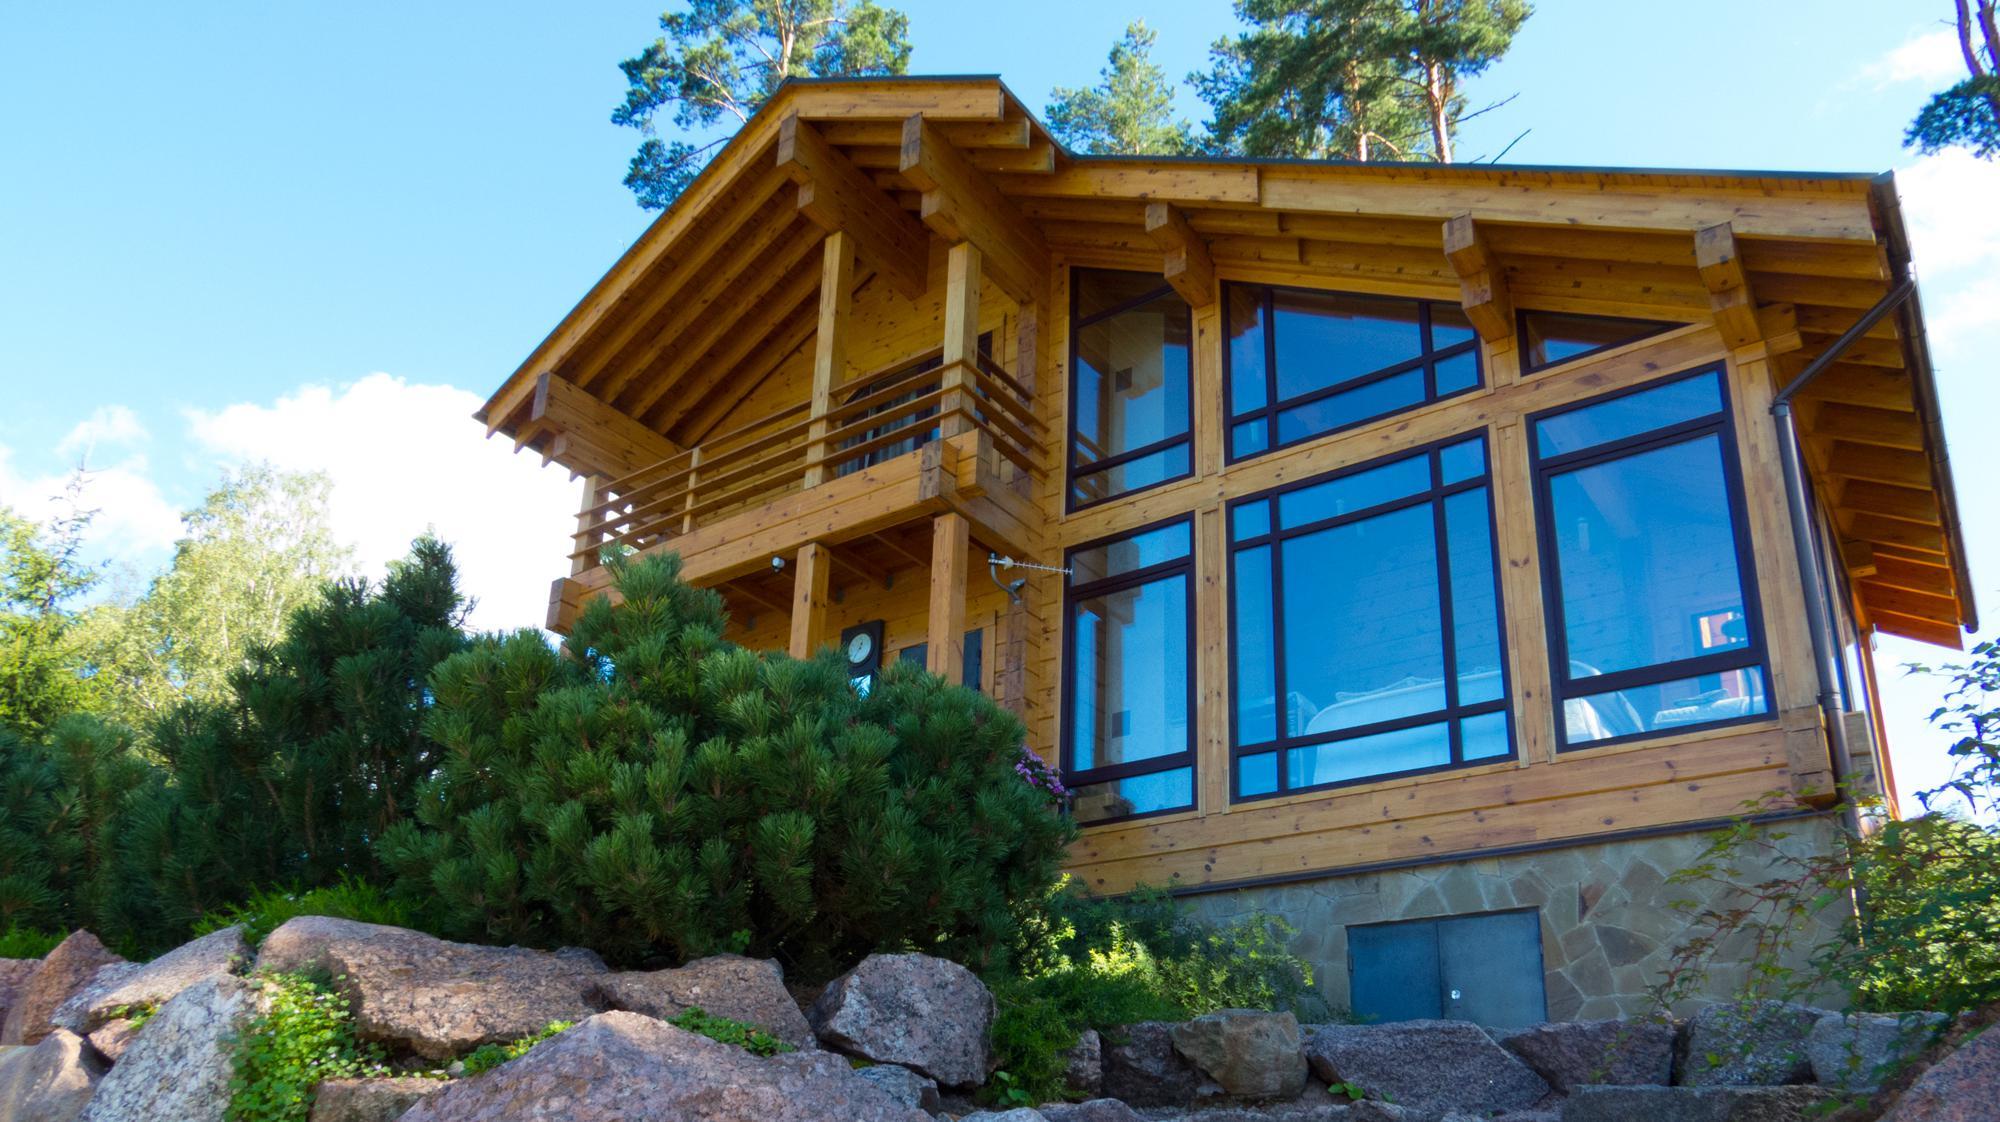 домик из дерева на возвышенности